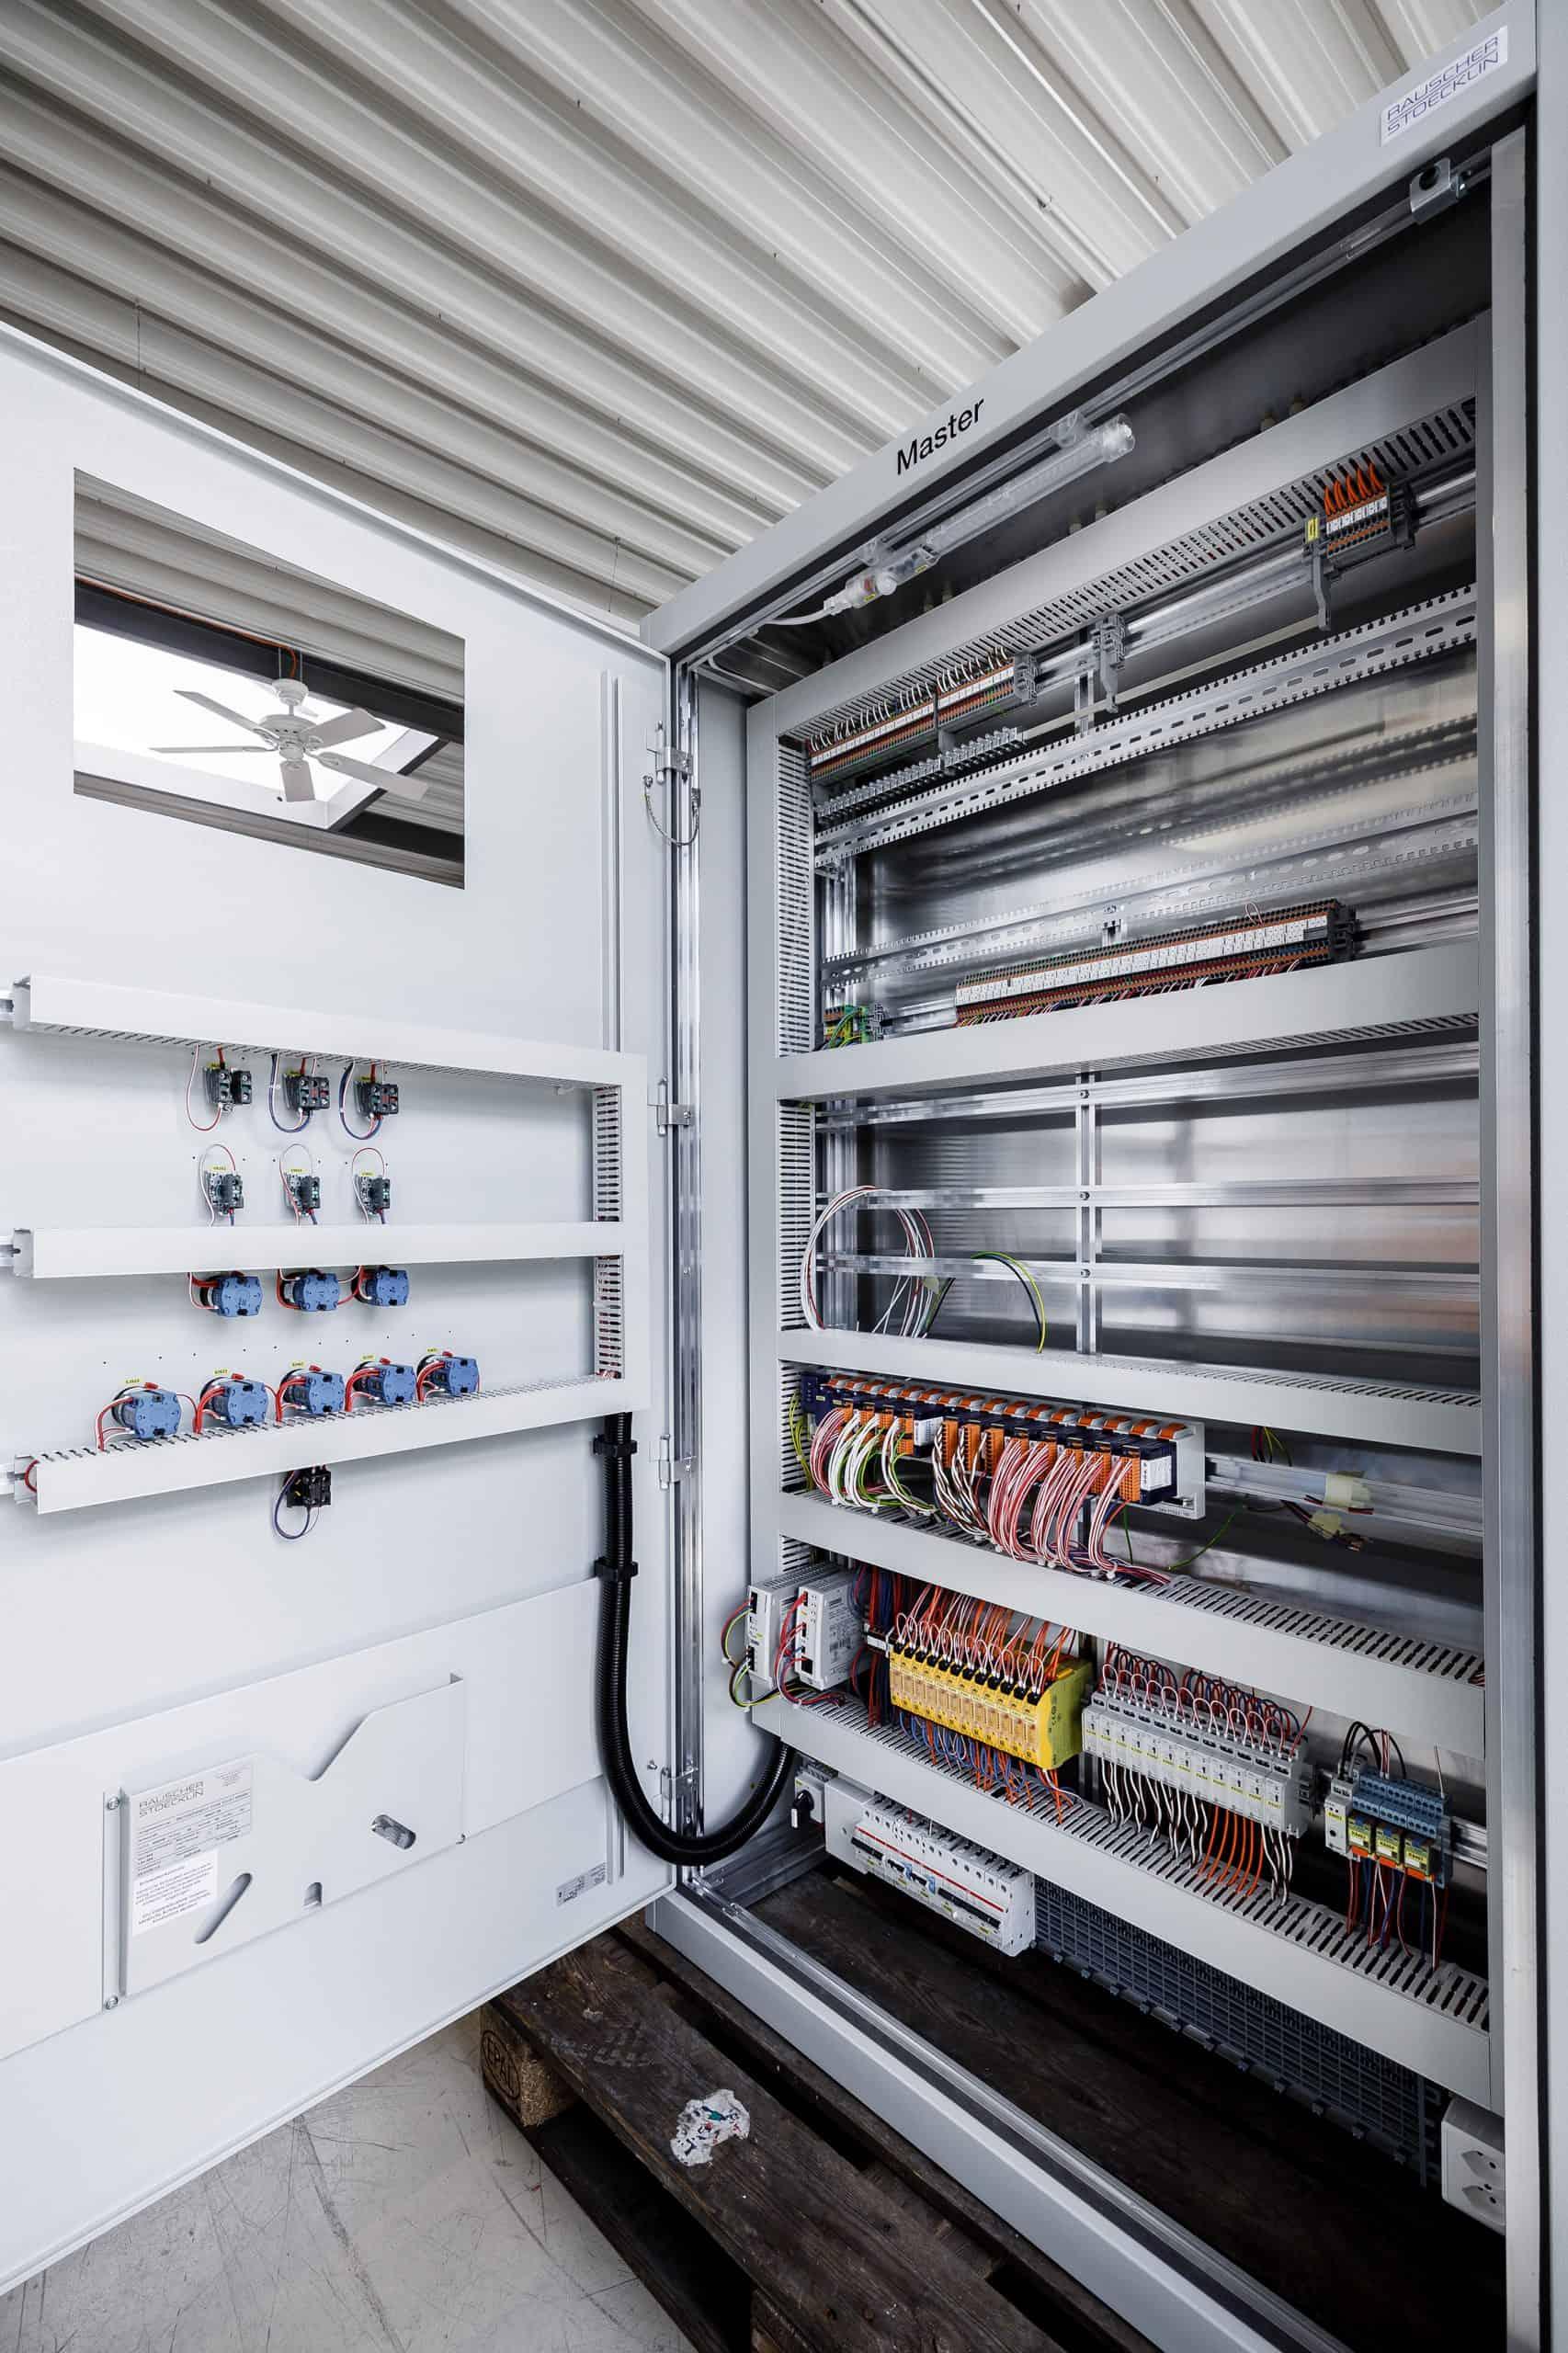 Rauscher & Stoecklin switchboard